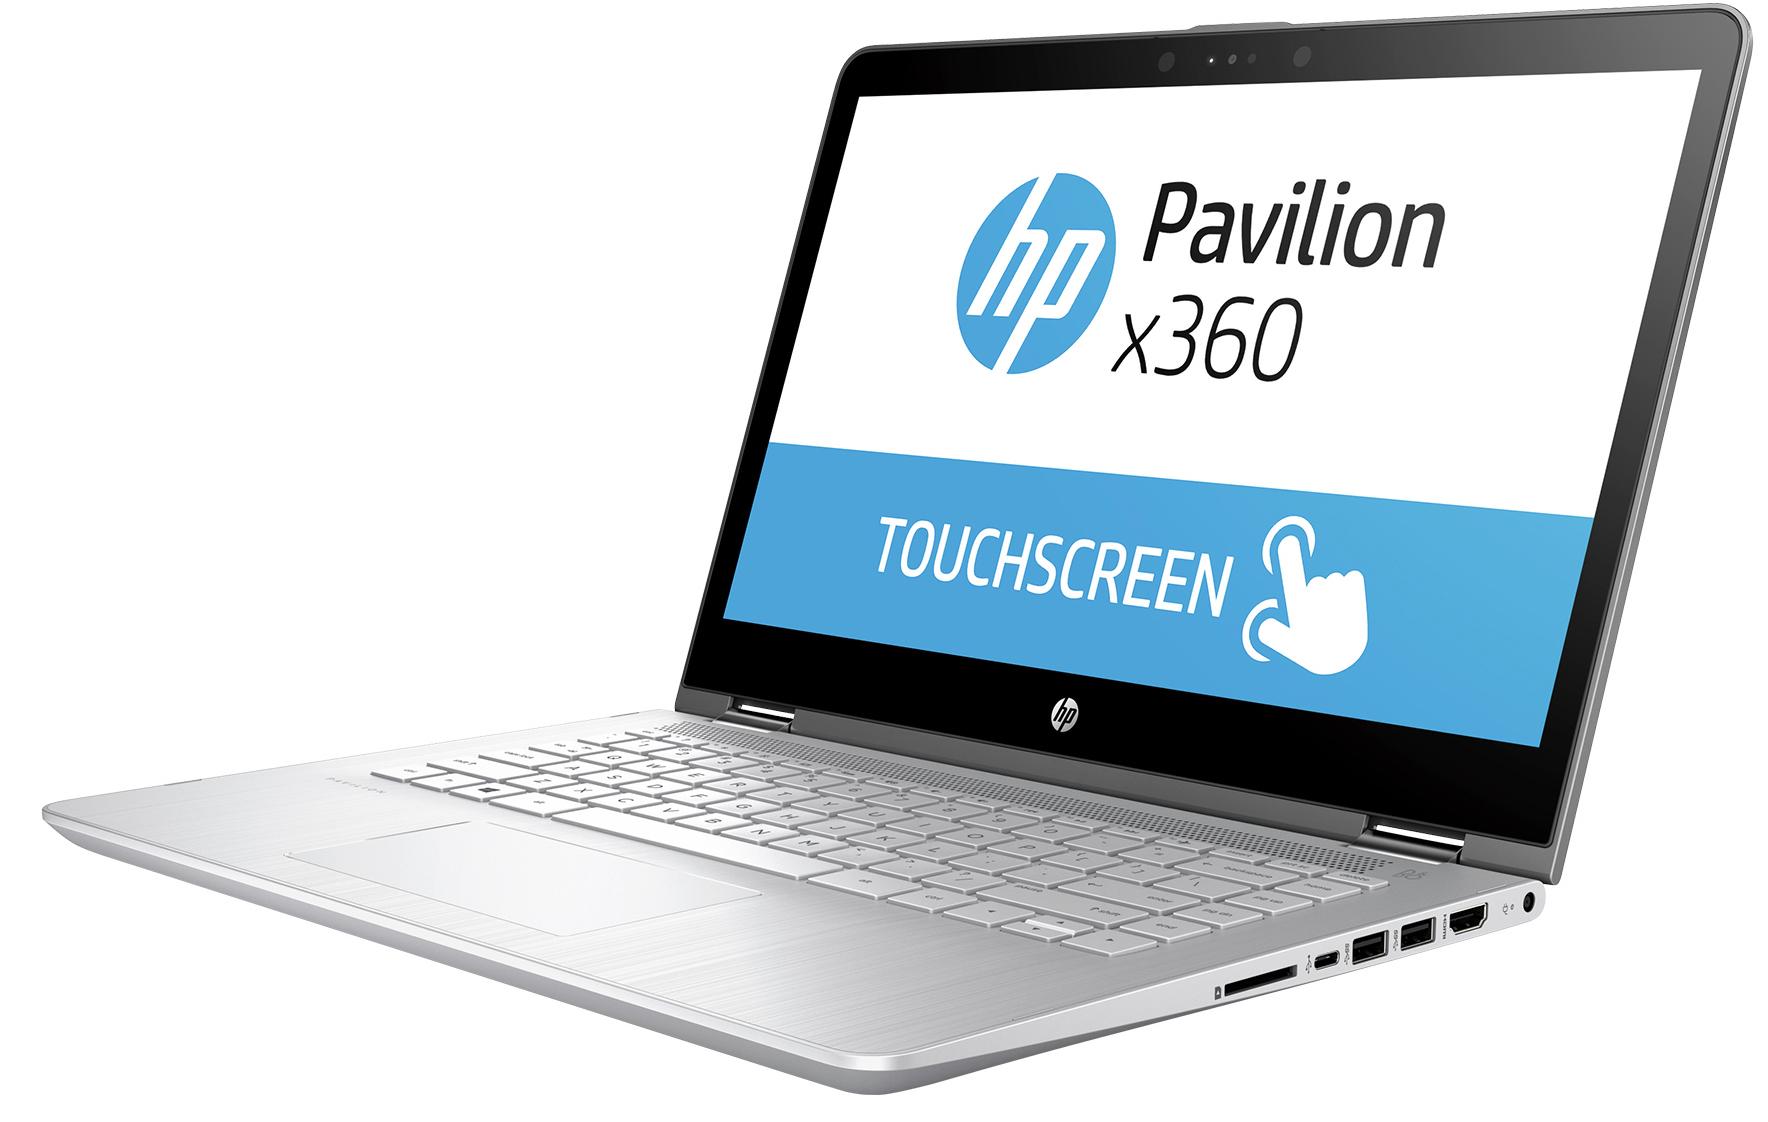 HP Pavilion x360 14t (7200U, 940MX, FHD) Convertible Review